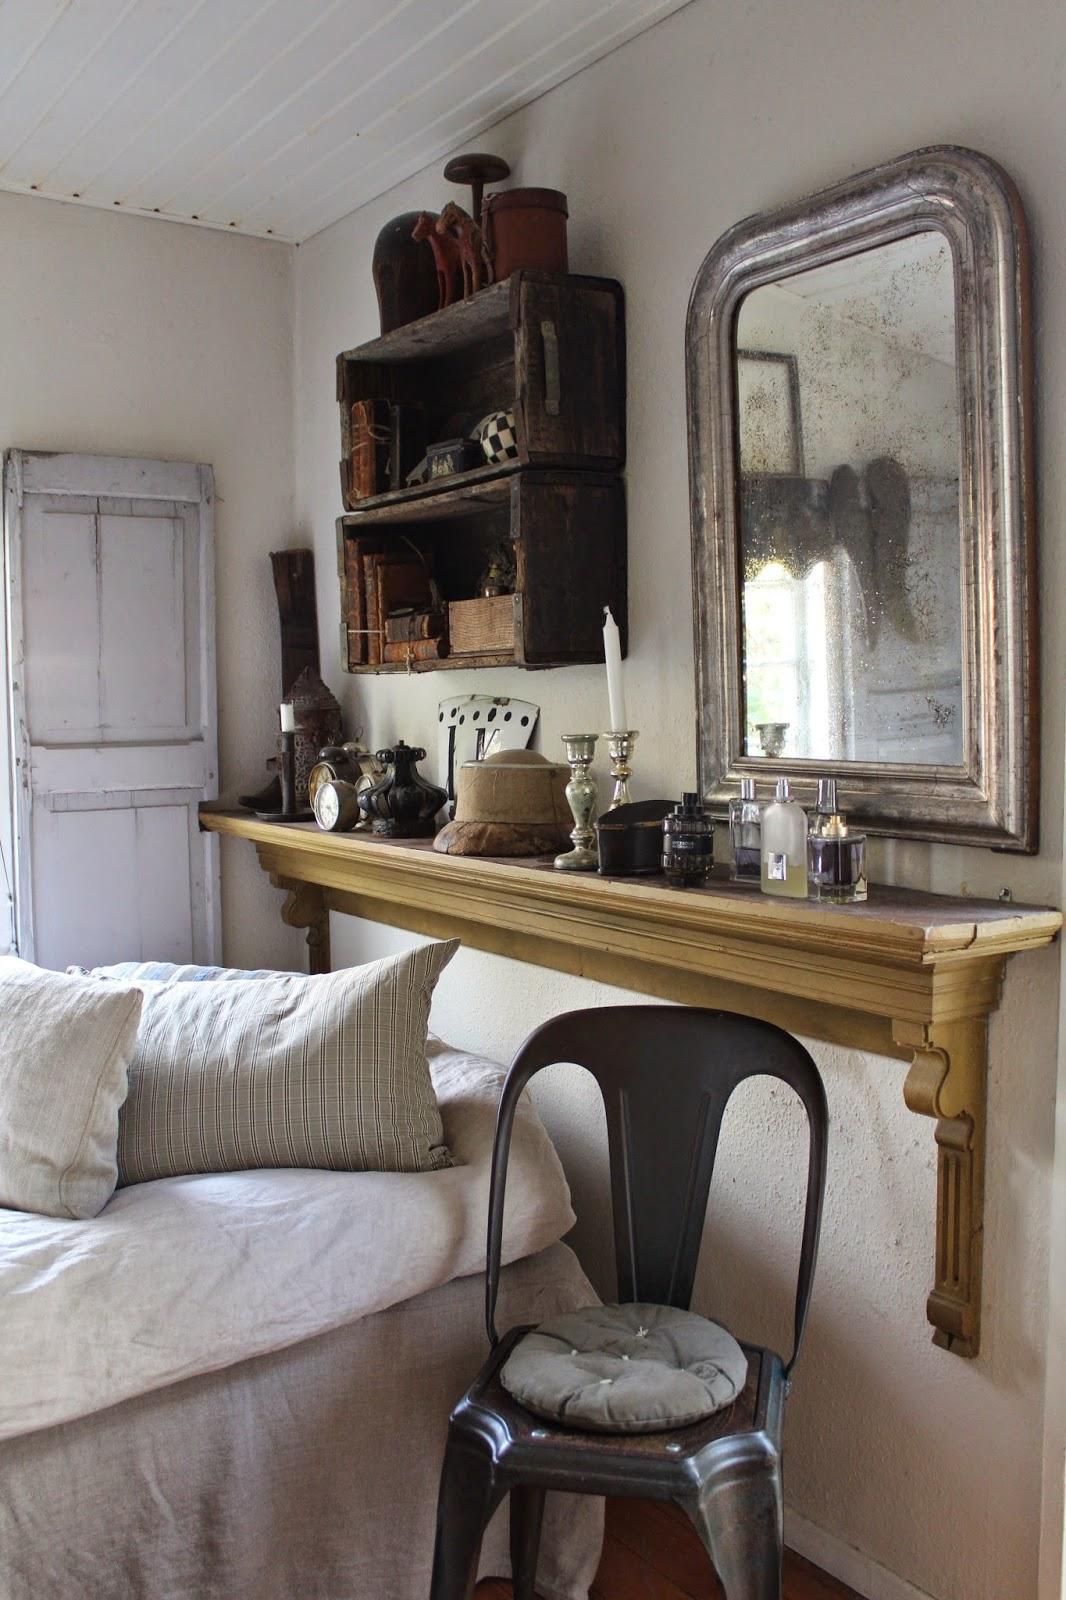 K&Co. Antiques´s indretnings blog.: Sommerhus indretning med ...